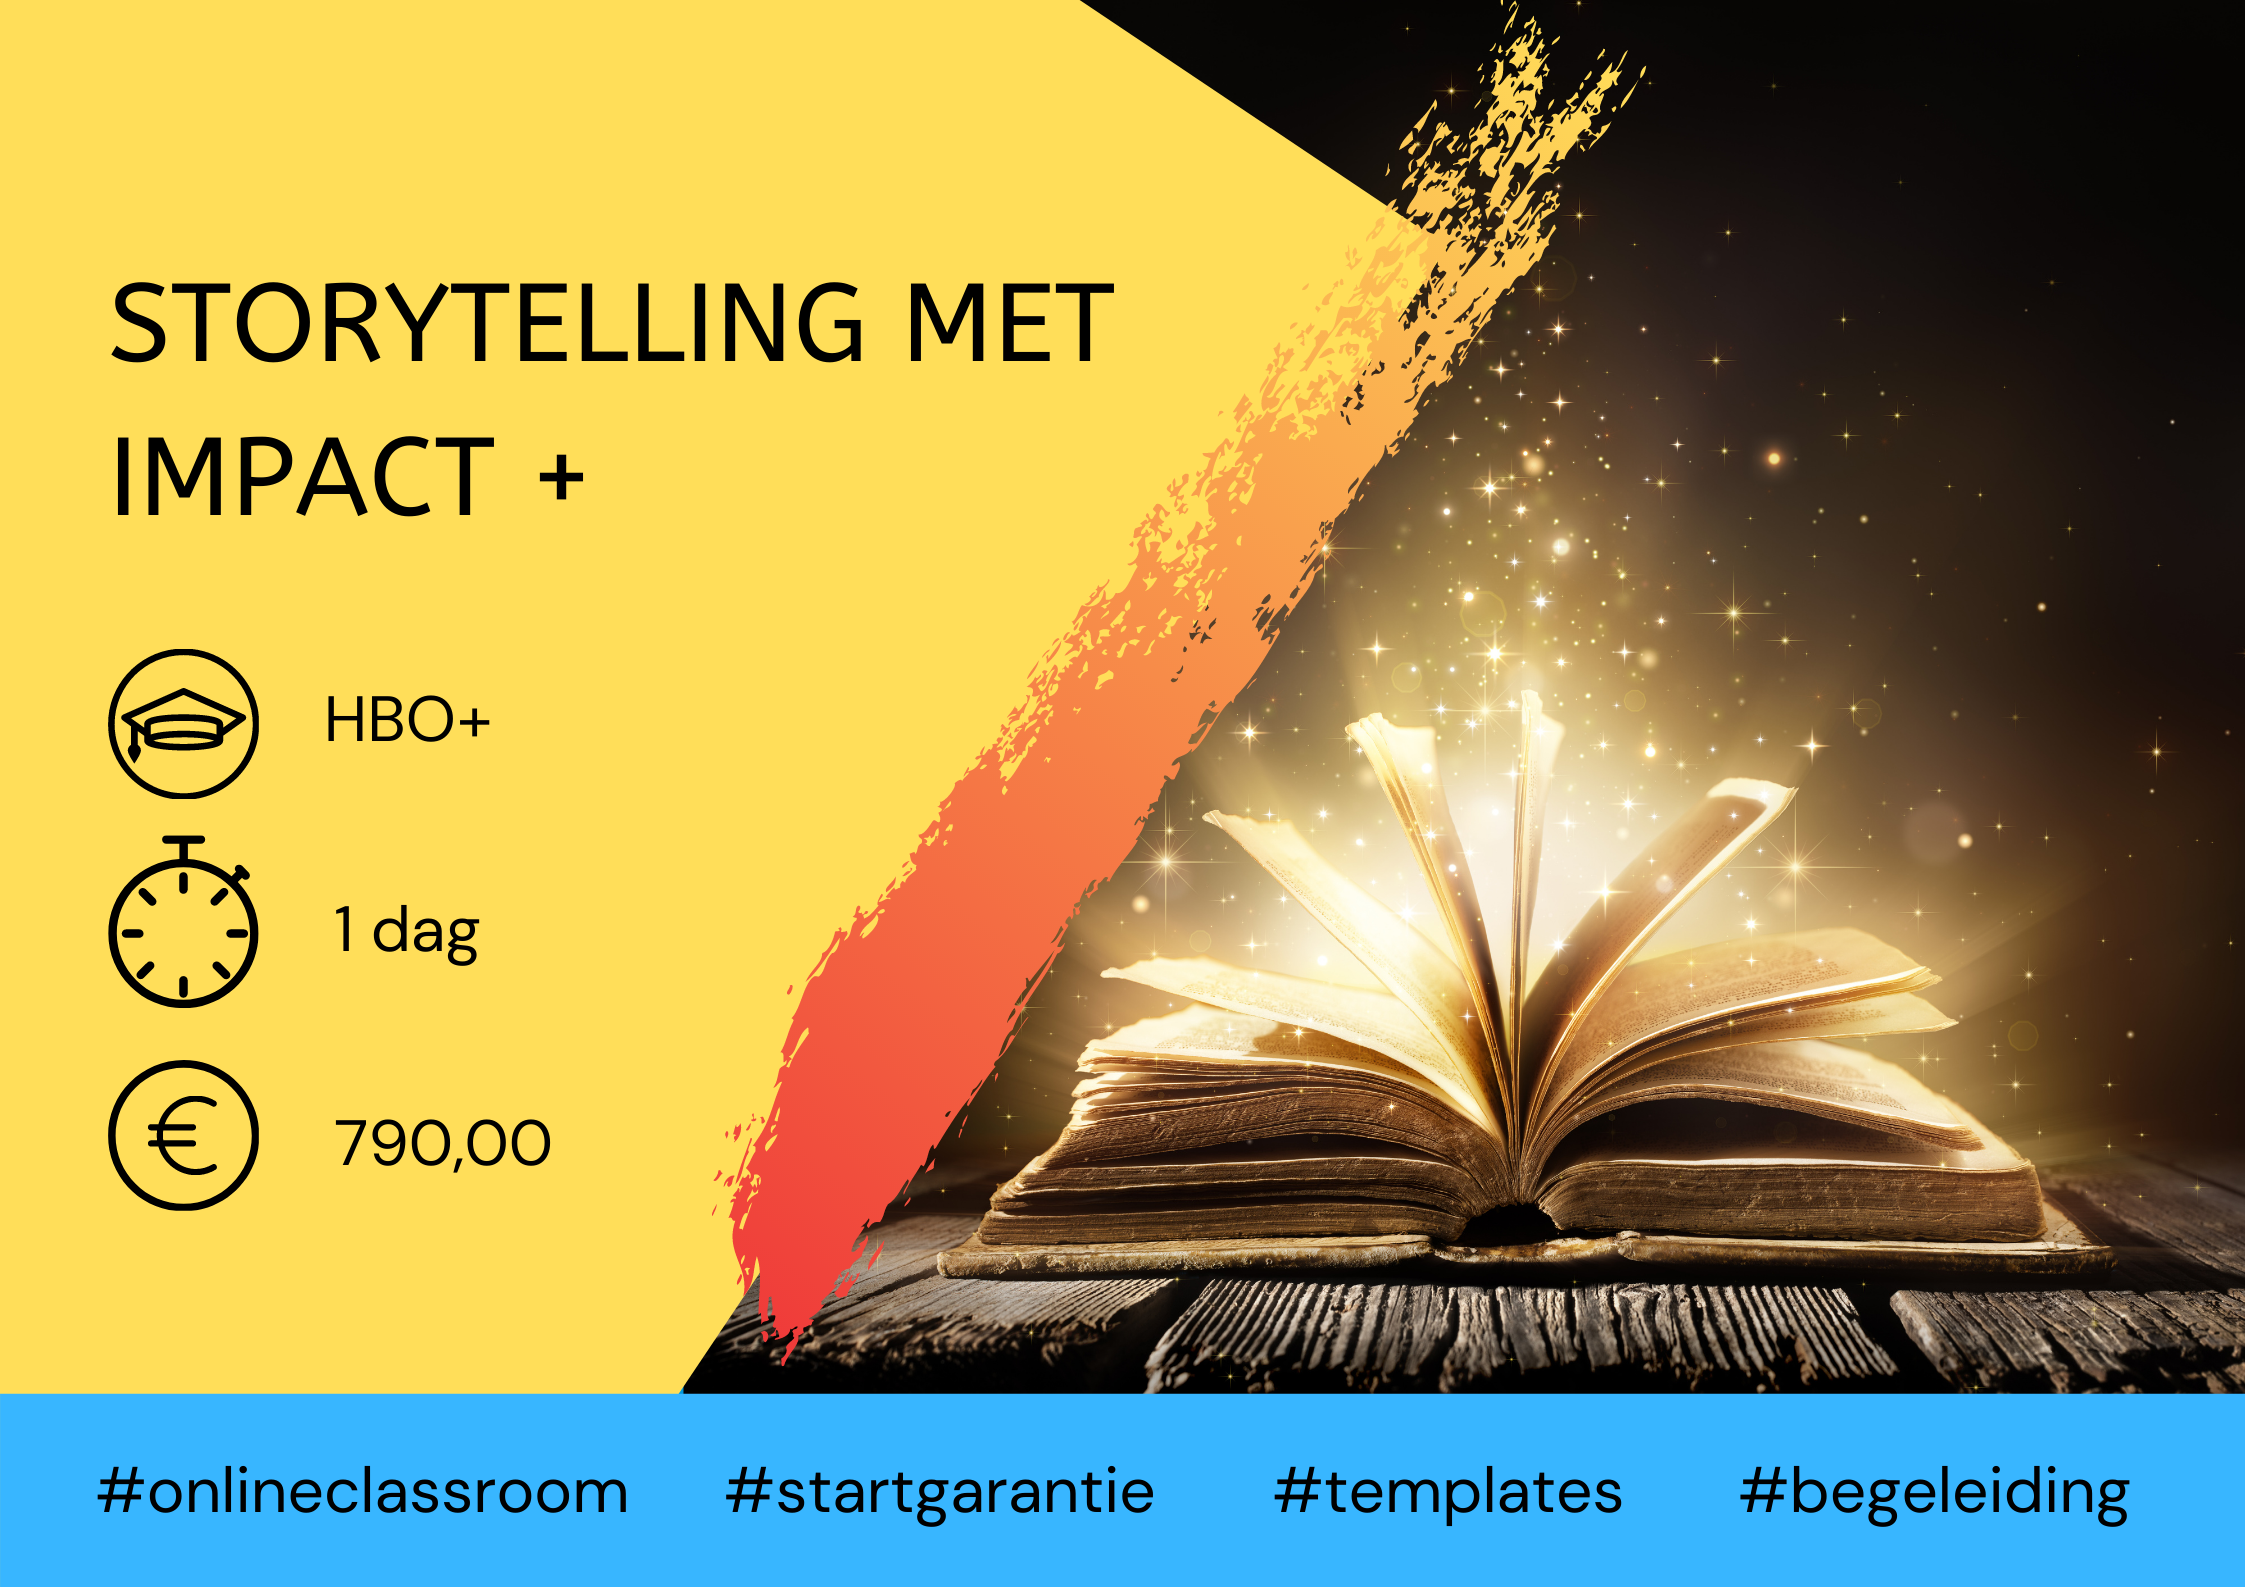 Click om de brochure 'Storytelling met impact' te downloaden!